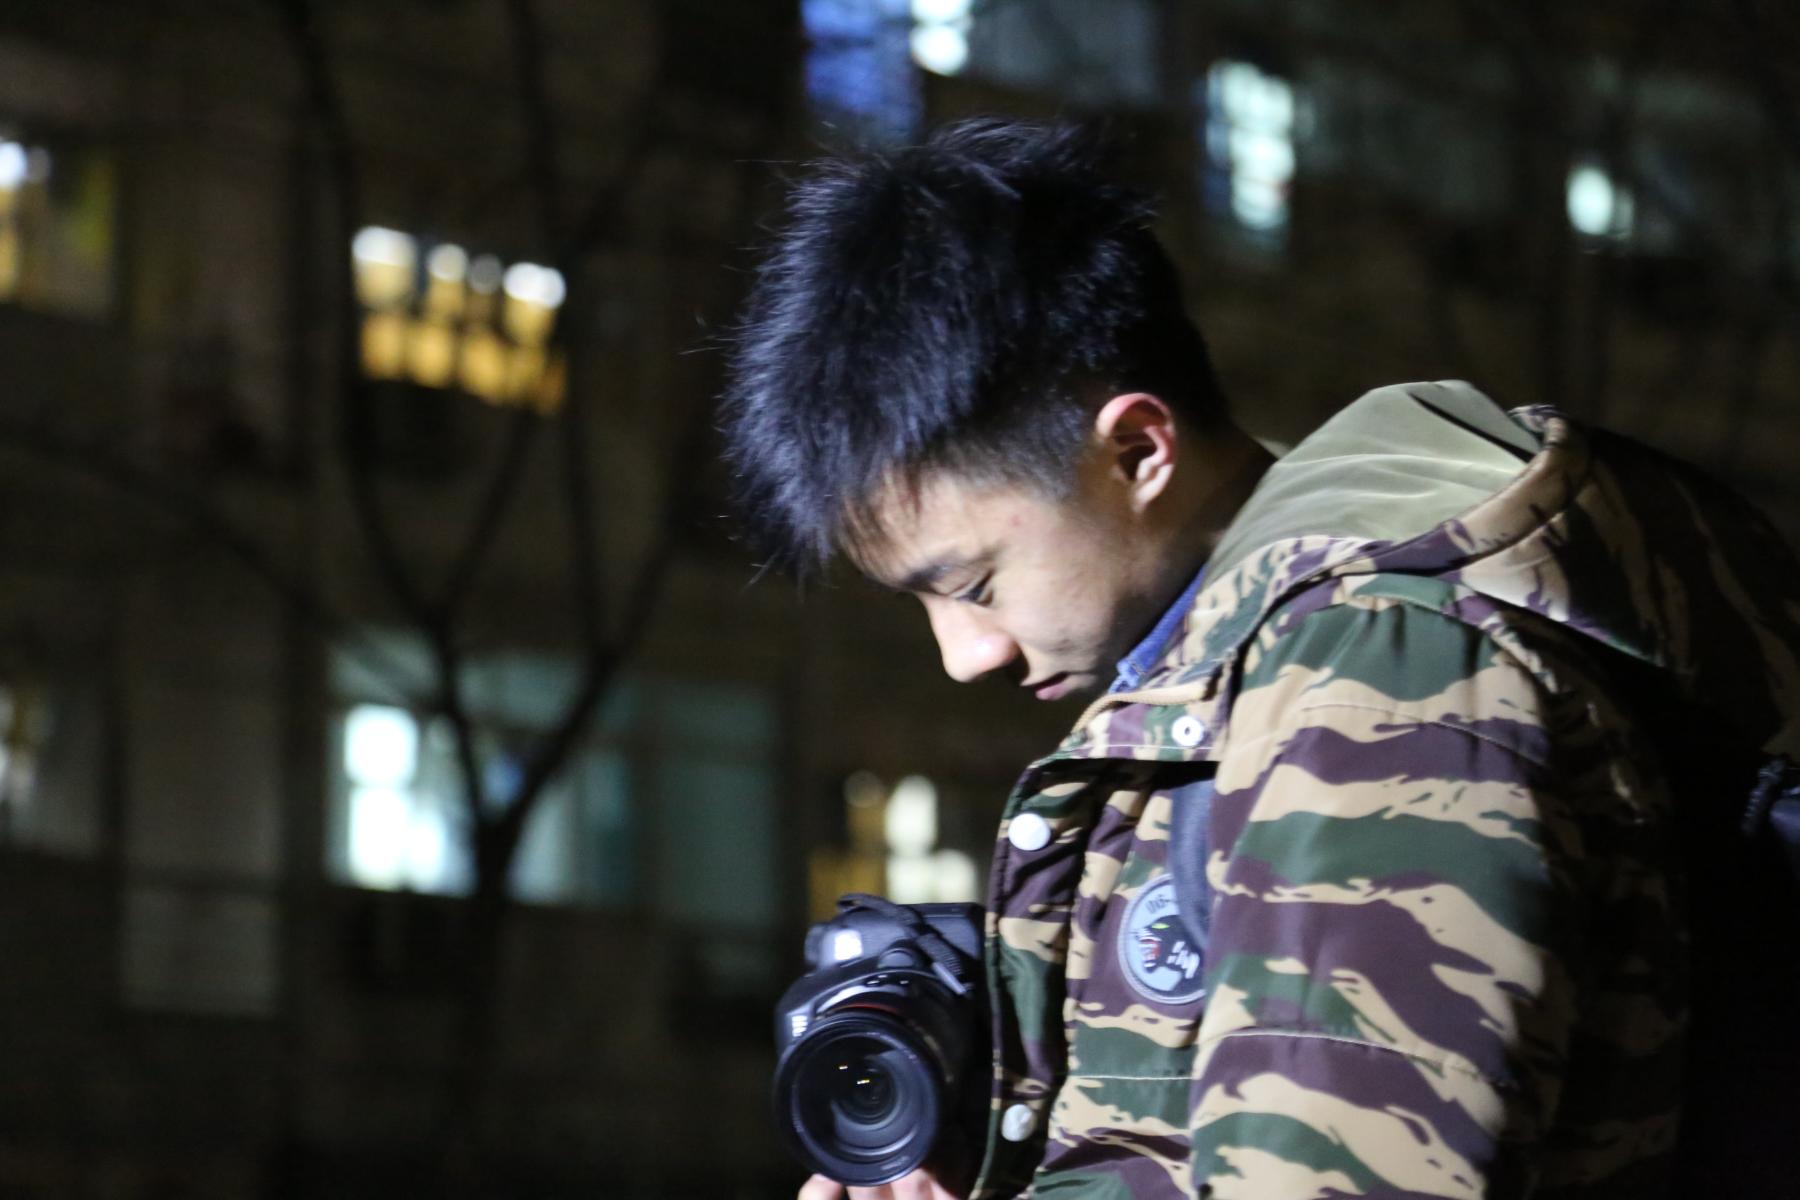 Binyu's photo